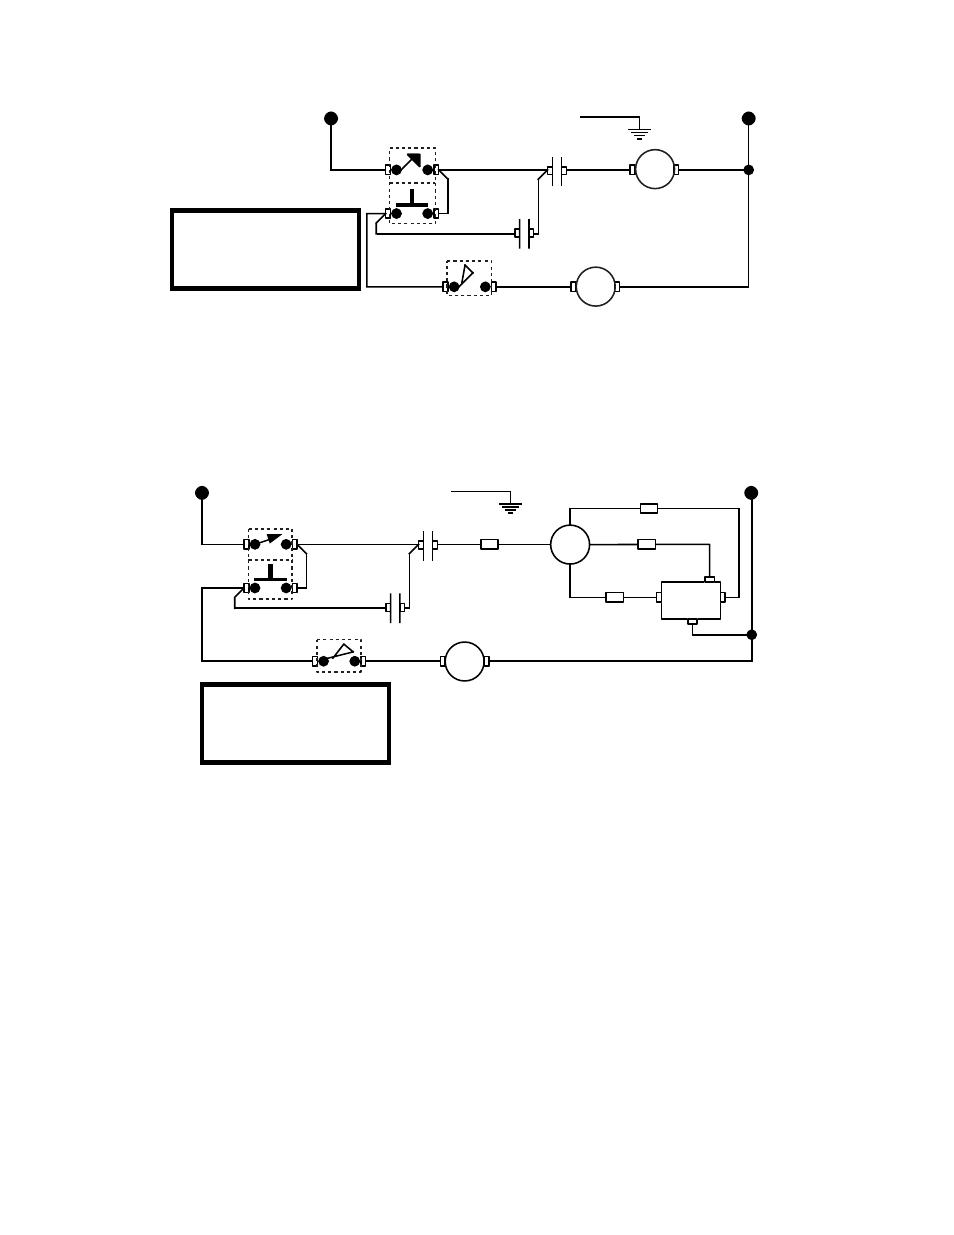 medium resolution of schematic wiring diagram g1 md schematic wiring diagram g1 g2 g3 bunn g2 user manual page 20 22